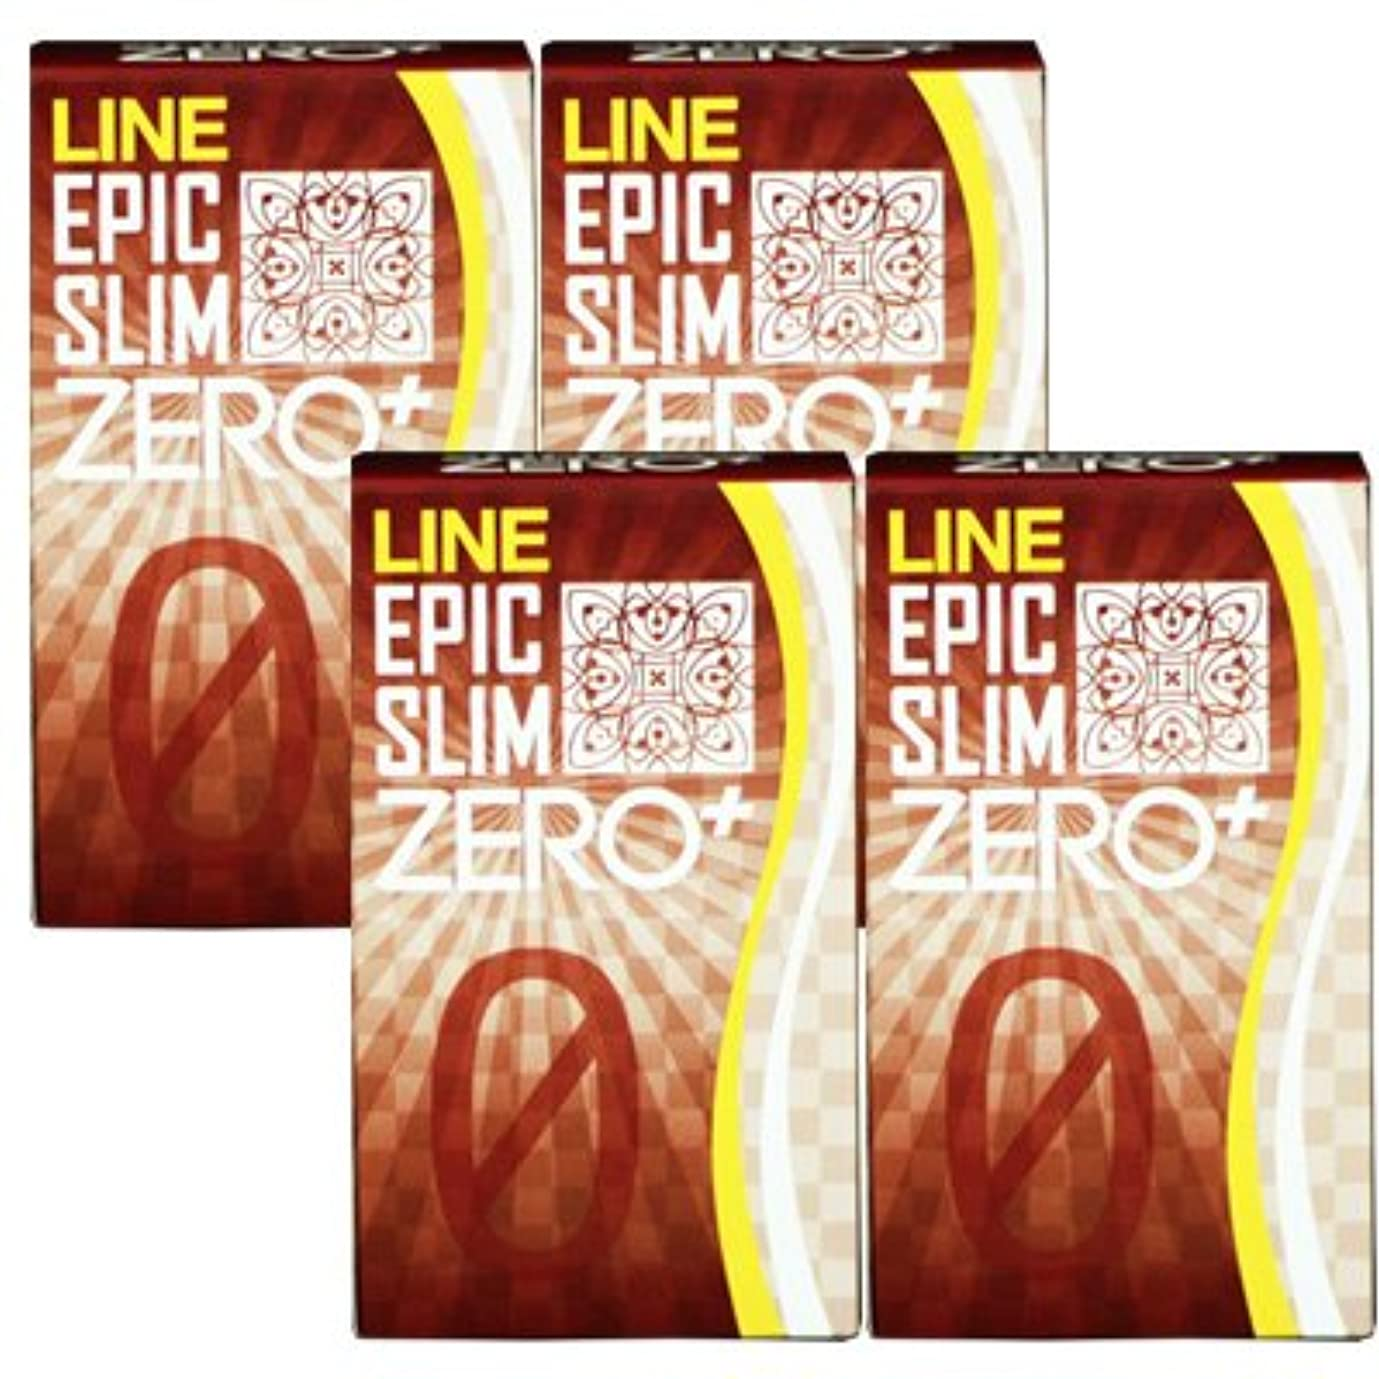 ドラム防衛みなさんLINE エピックスリム ゼロ PLUS 4個セット Line Epic Slim ZERO PLUS ×4個